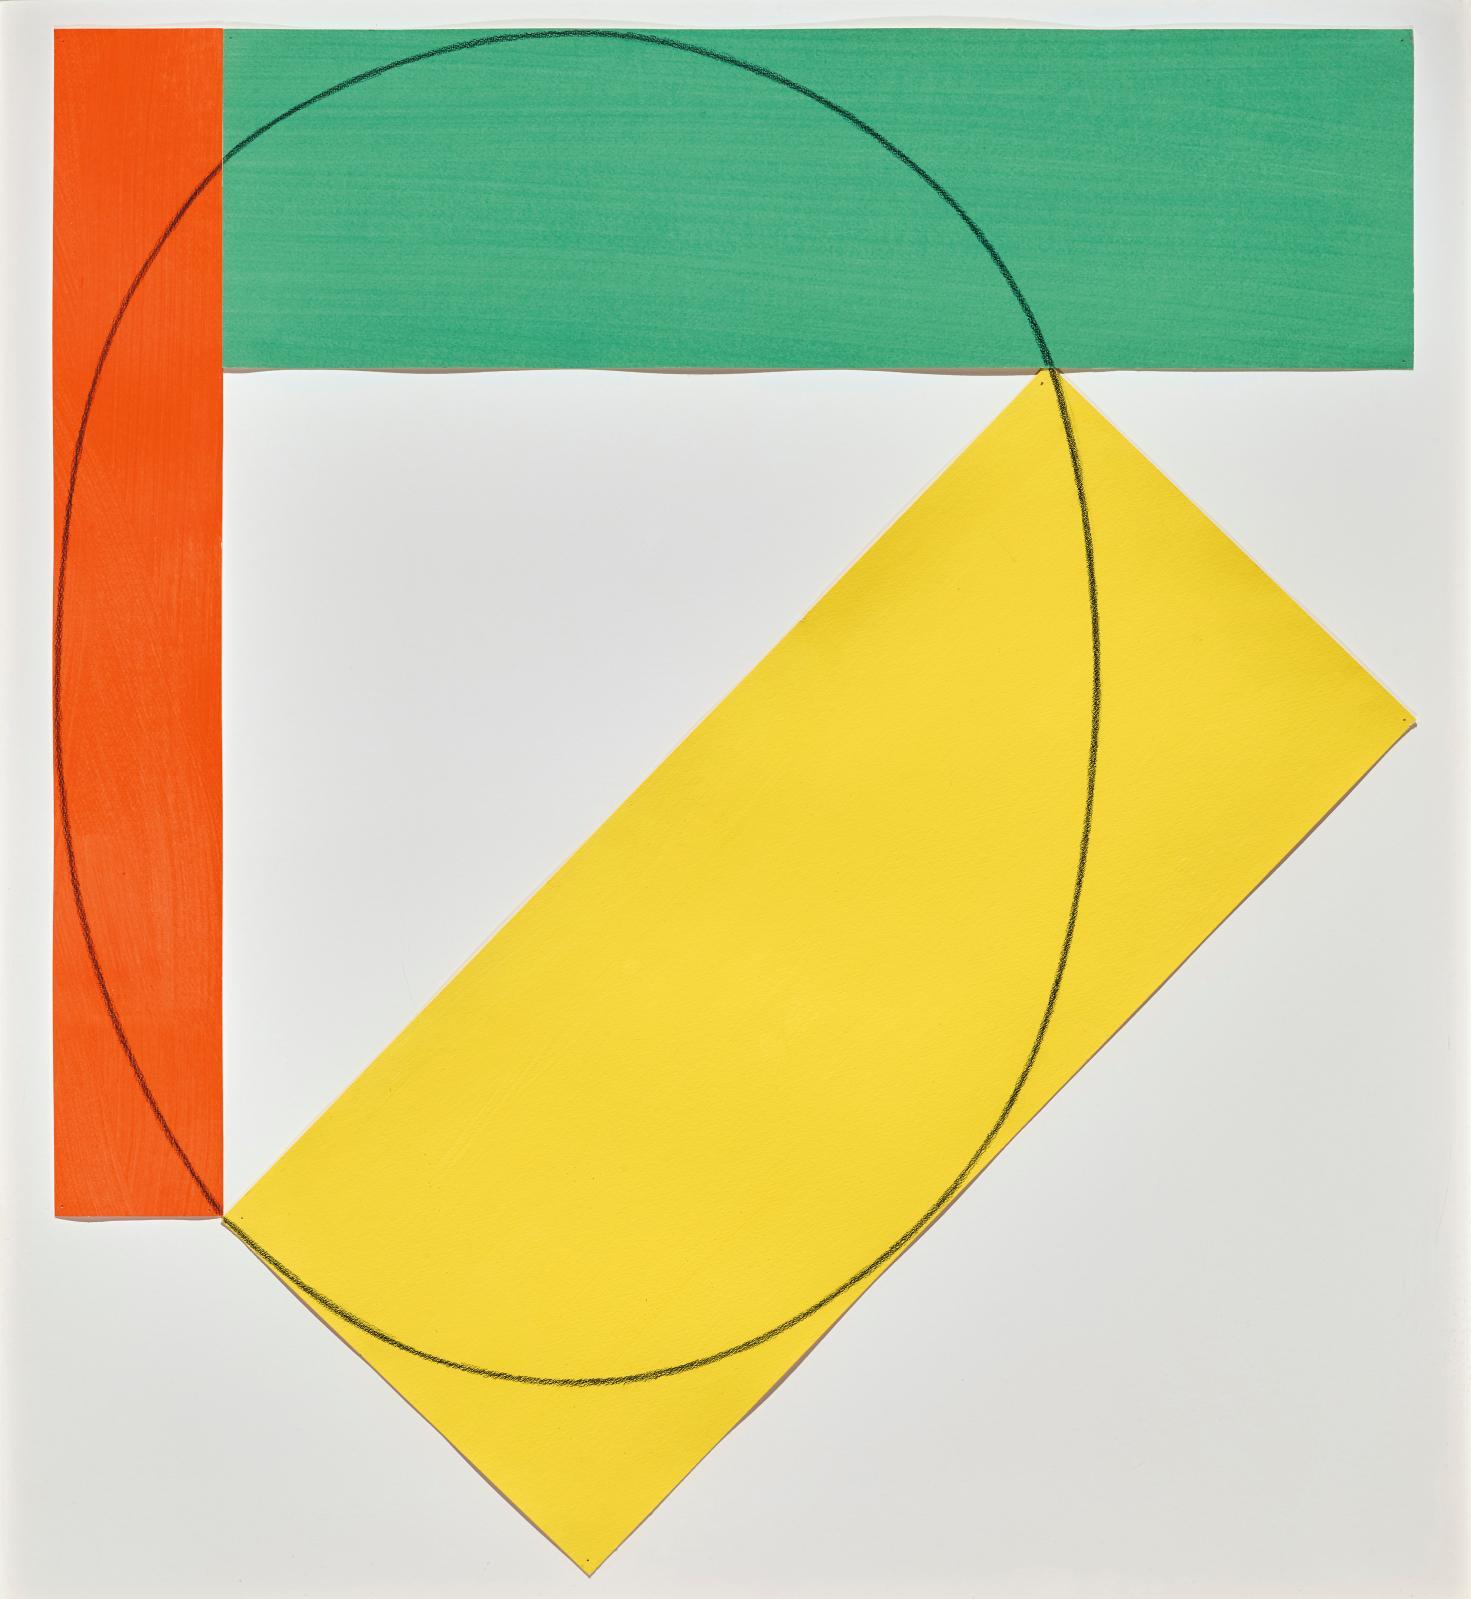 Robert Mangold (né en 1937), Three Color Frame Painting, 1985, acrylique et crayon sur papier, signé daté et titré au verso au crayon, 92x81,3cm, d